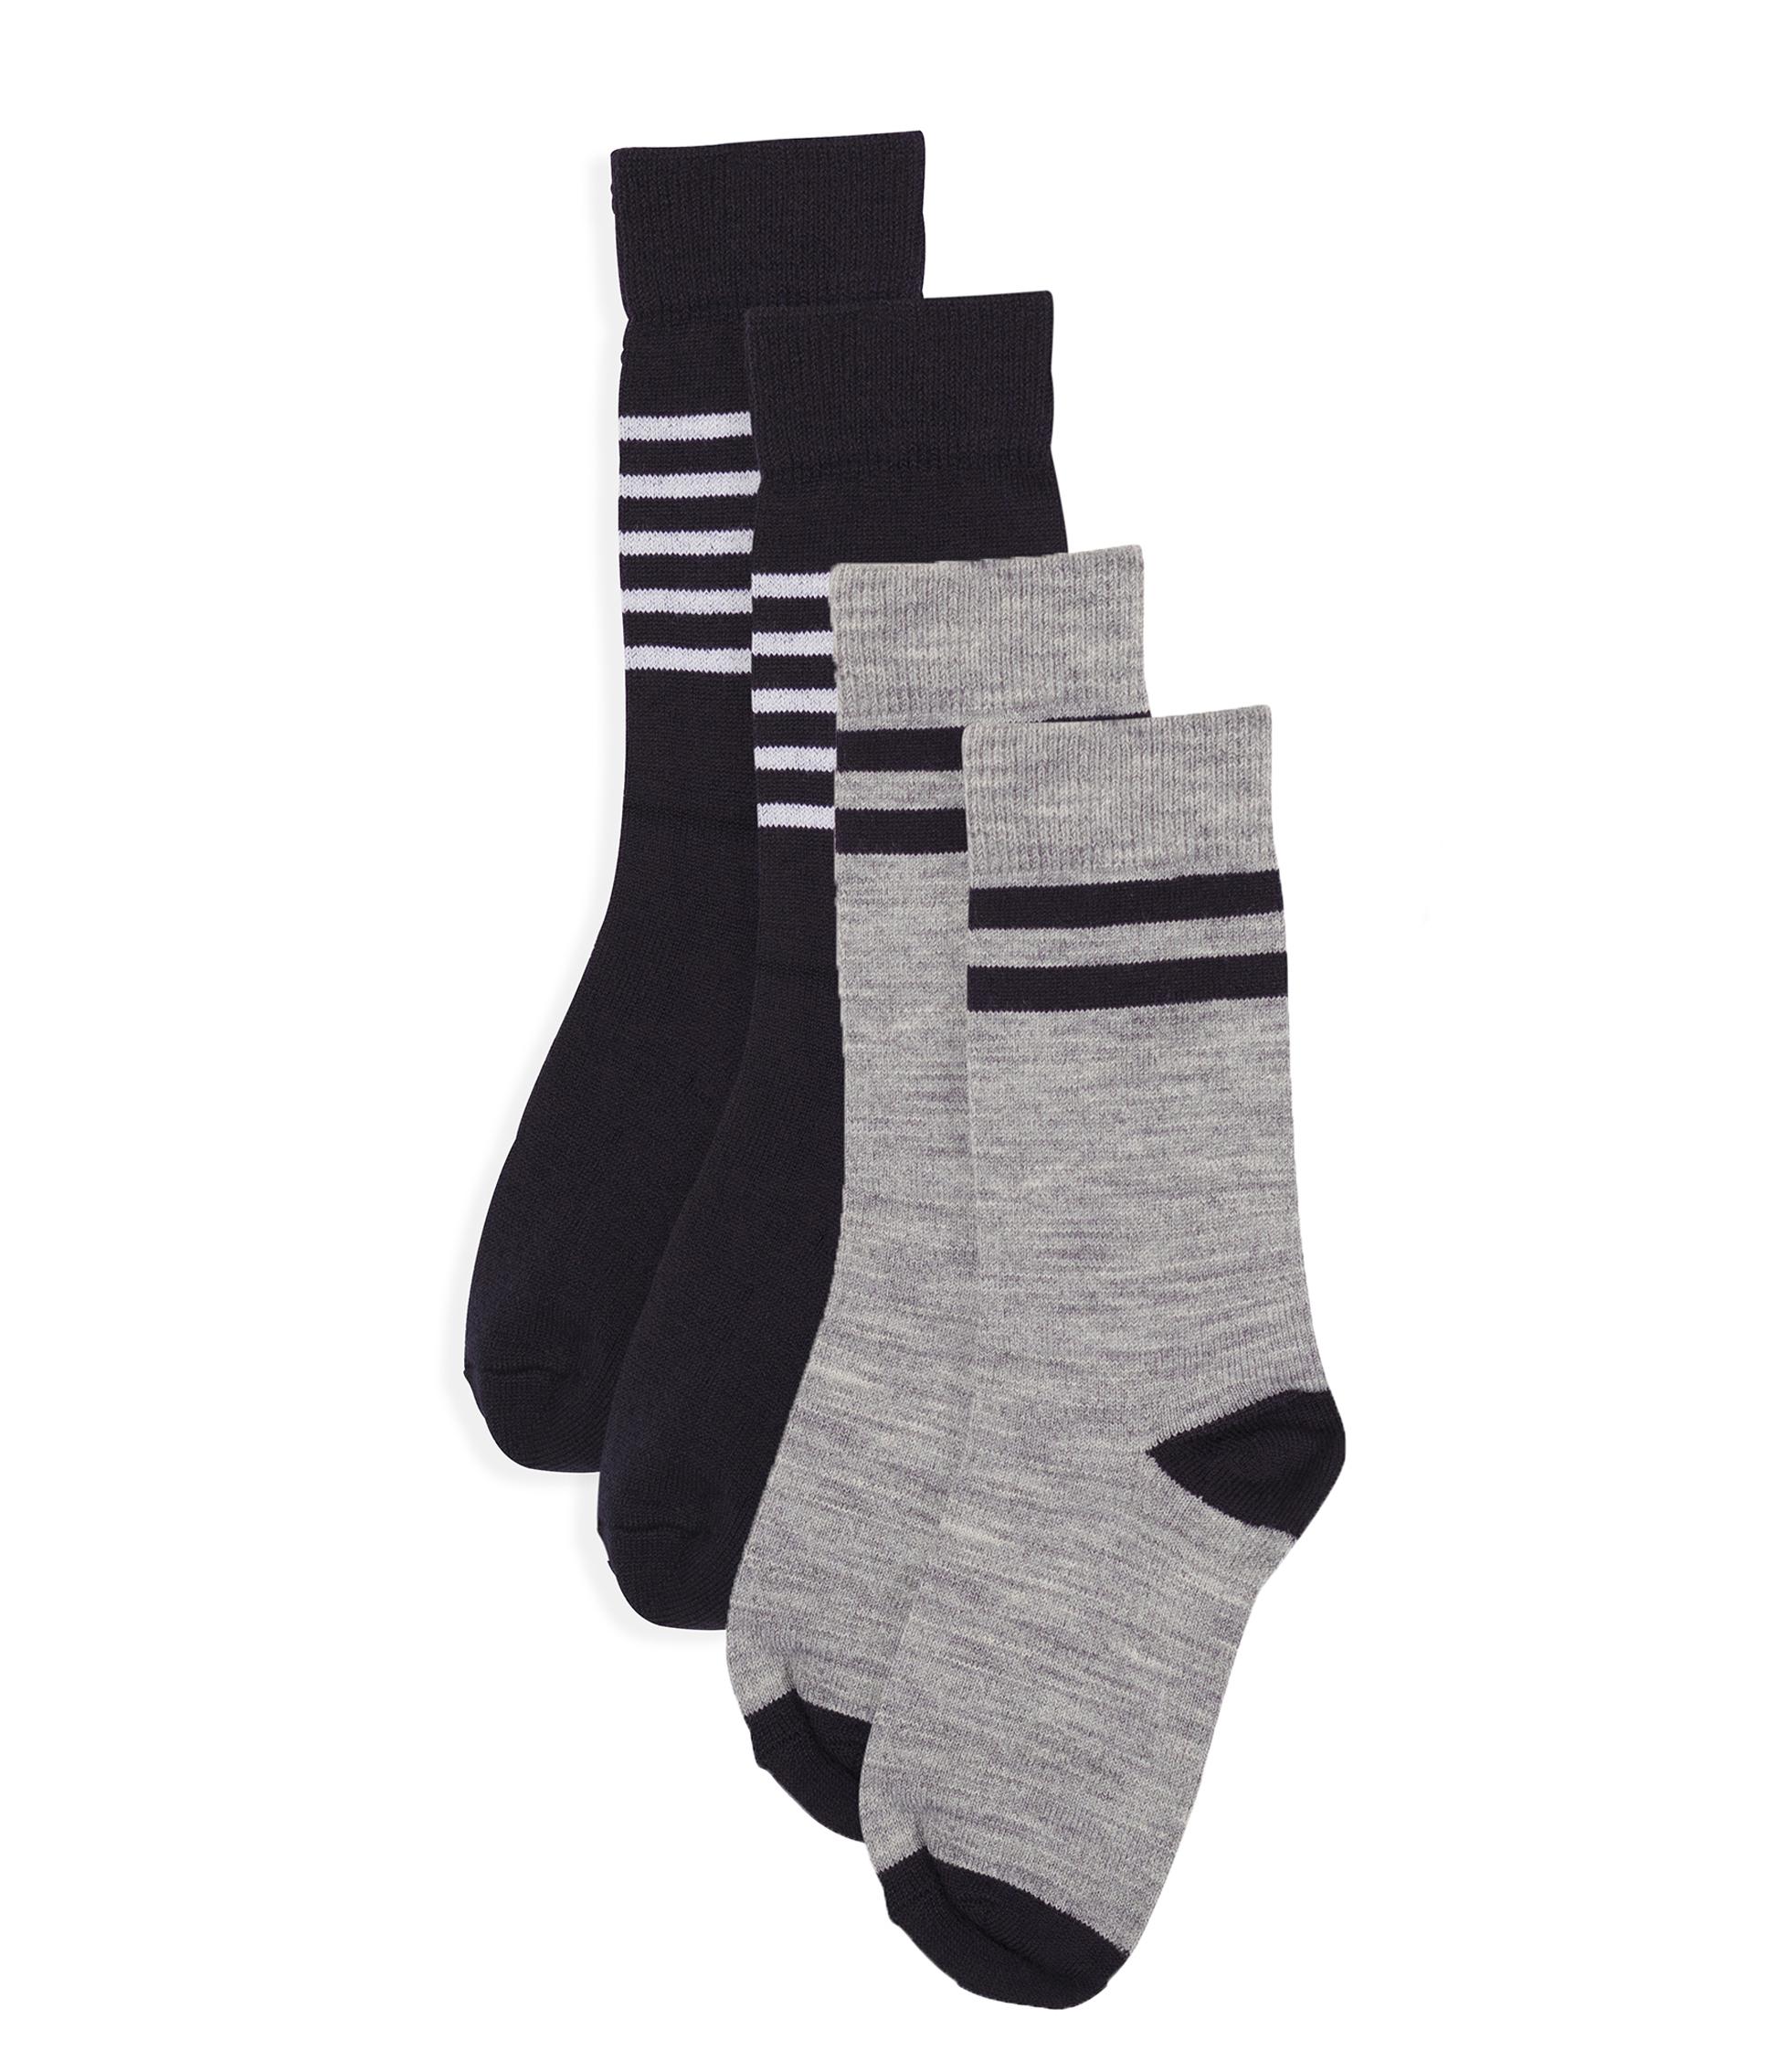 Kakoop Lot de 5 paires de chaussettes chaudes pour enfants de 0 /à 6 ans